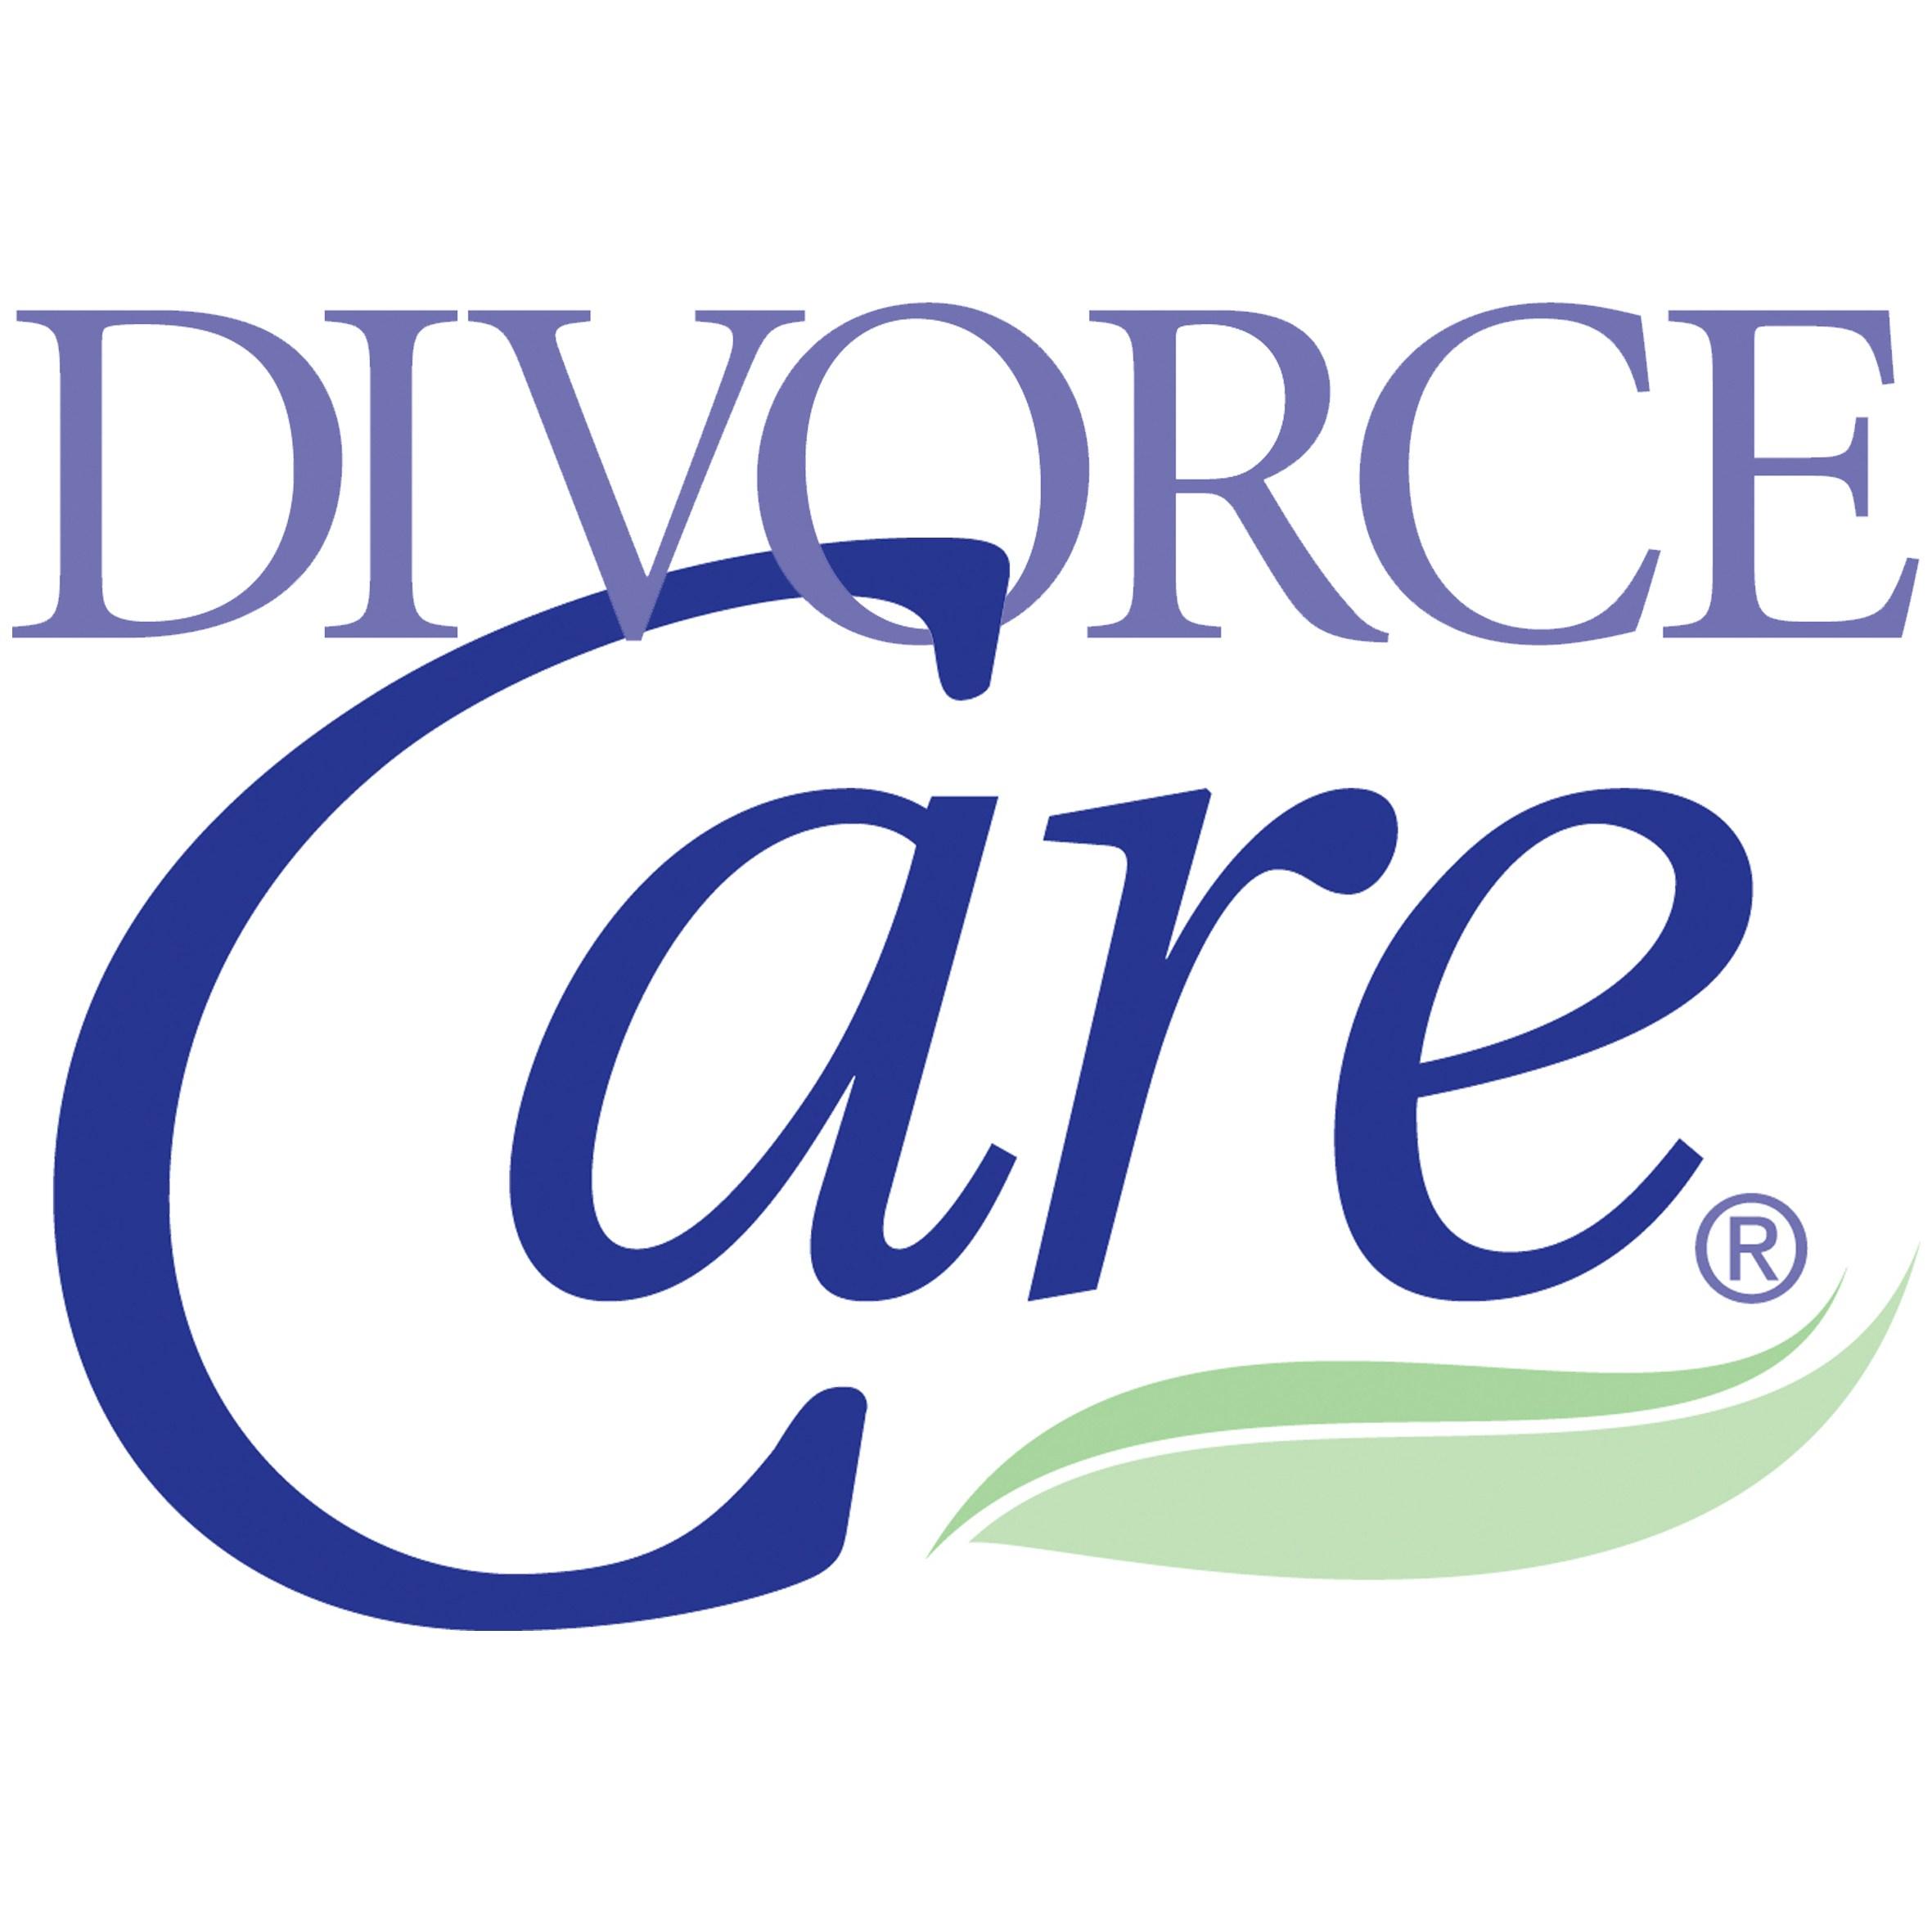 DivorceCare-square.jpg